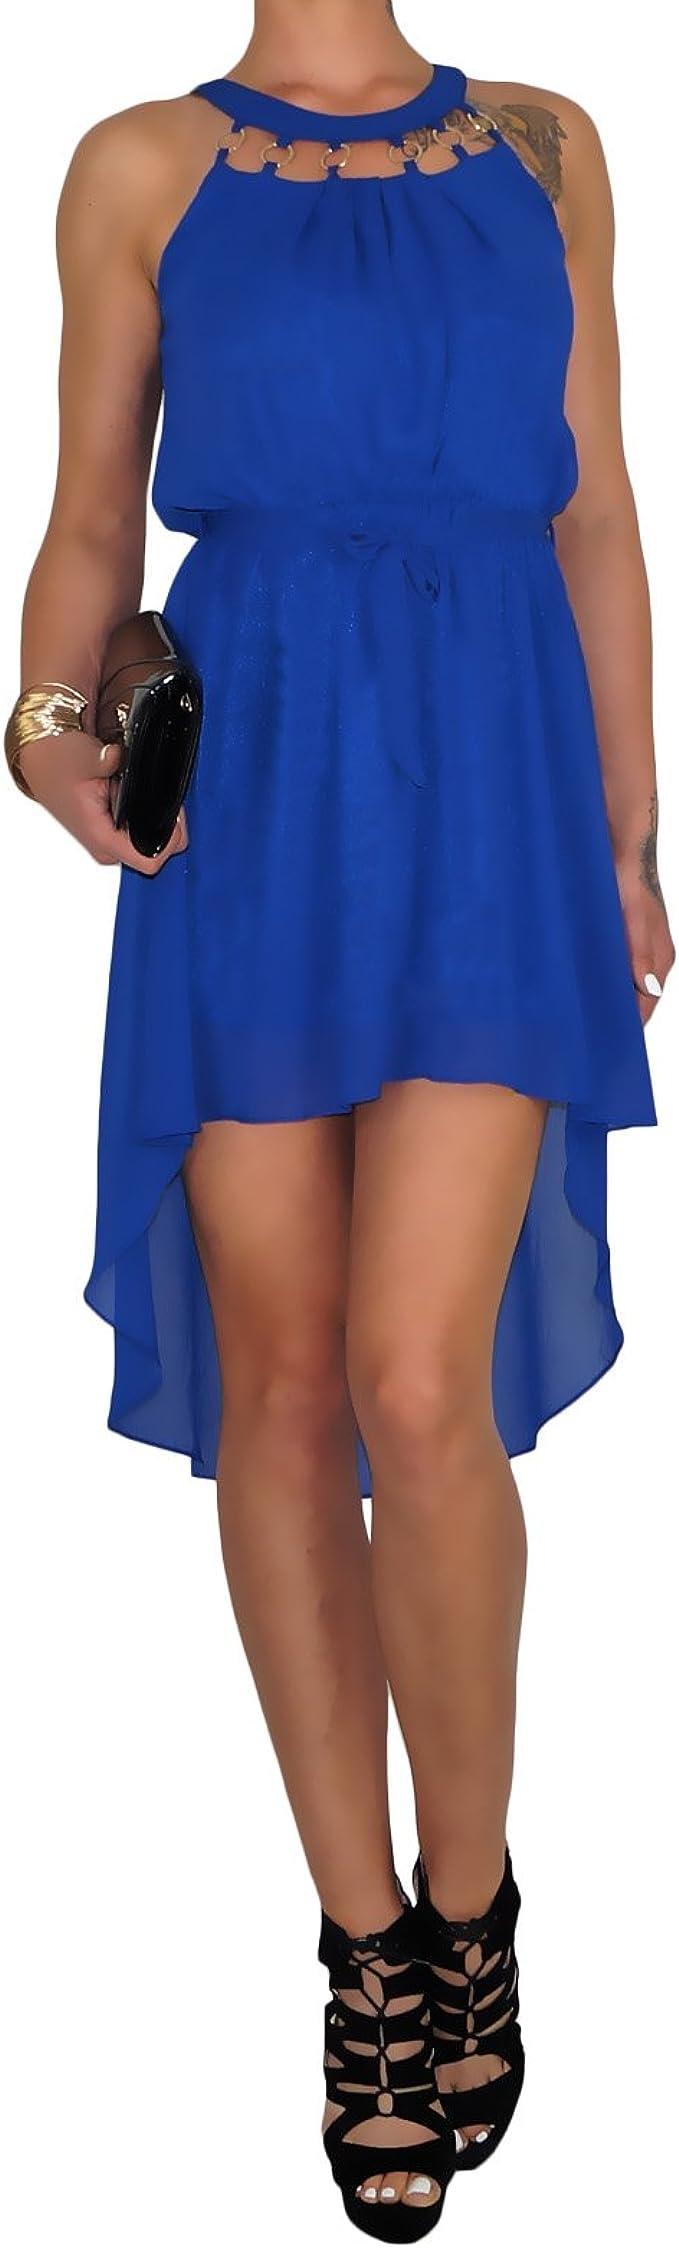 Dresscode Berlin Db Damen Chiffon Cocktail Abendkleid Im Toga Stil In Schwarz Weiss Mintgrun Blau Und Rot L Xl Blau Amazon De Bekleidung